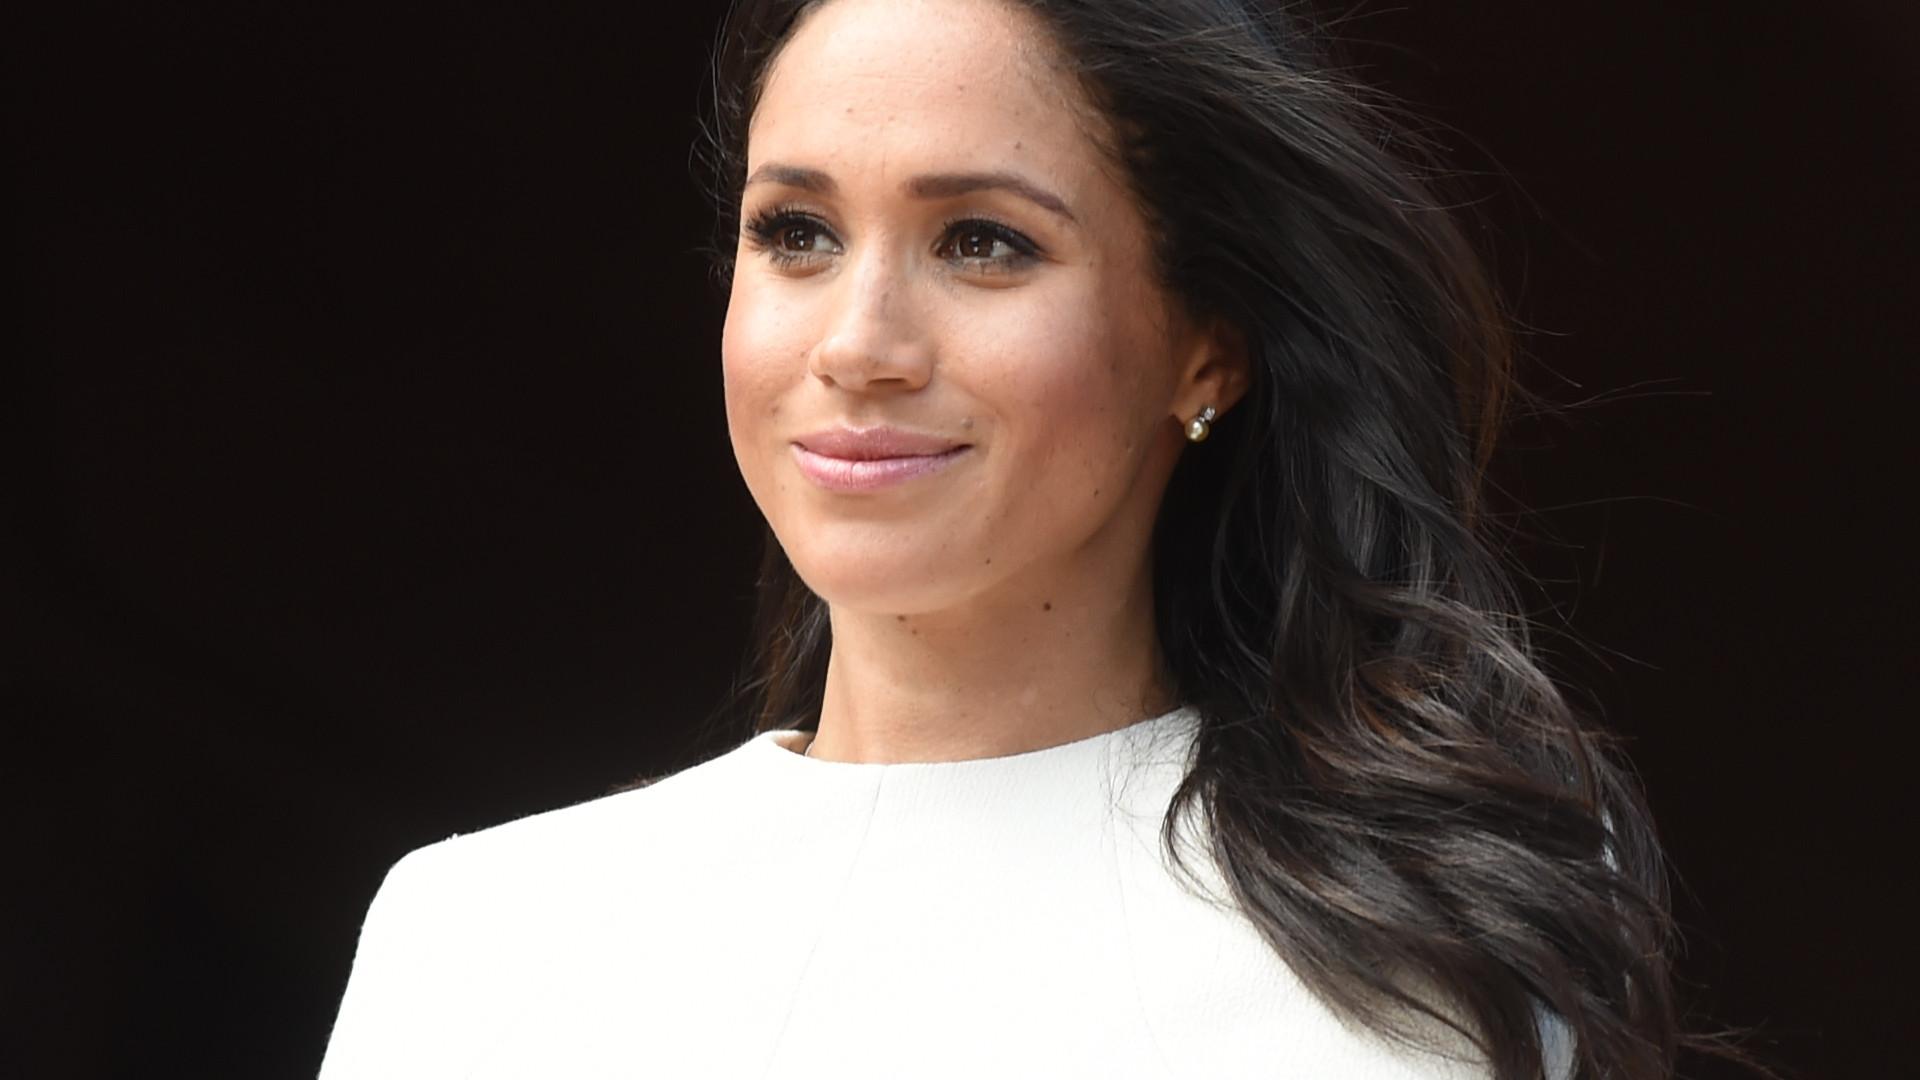 Meghan Markle quase que cai no casamento da sobrinha da princesa Diana